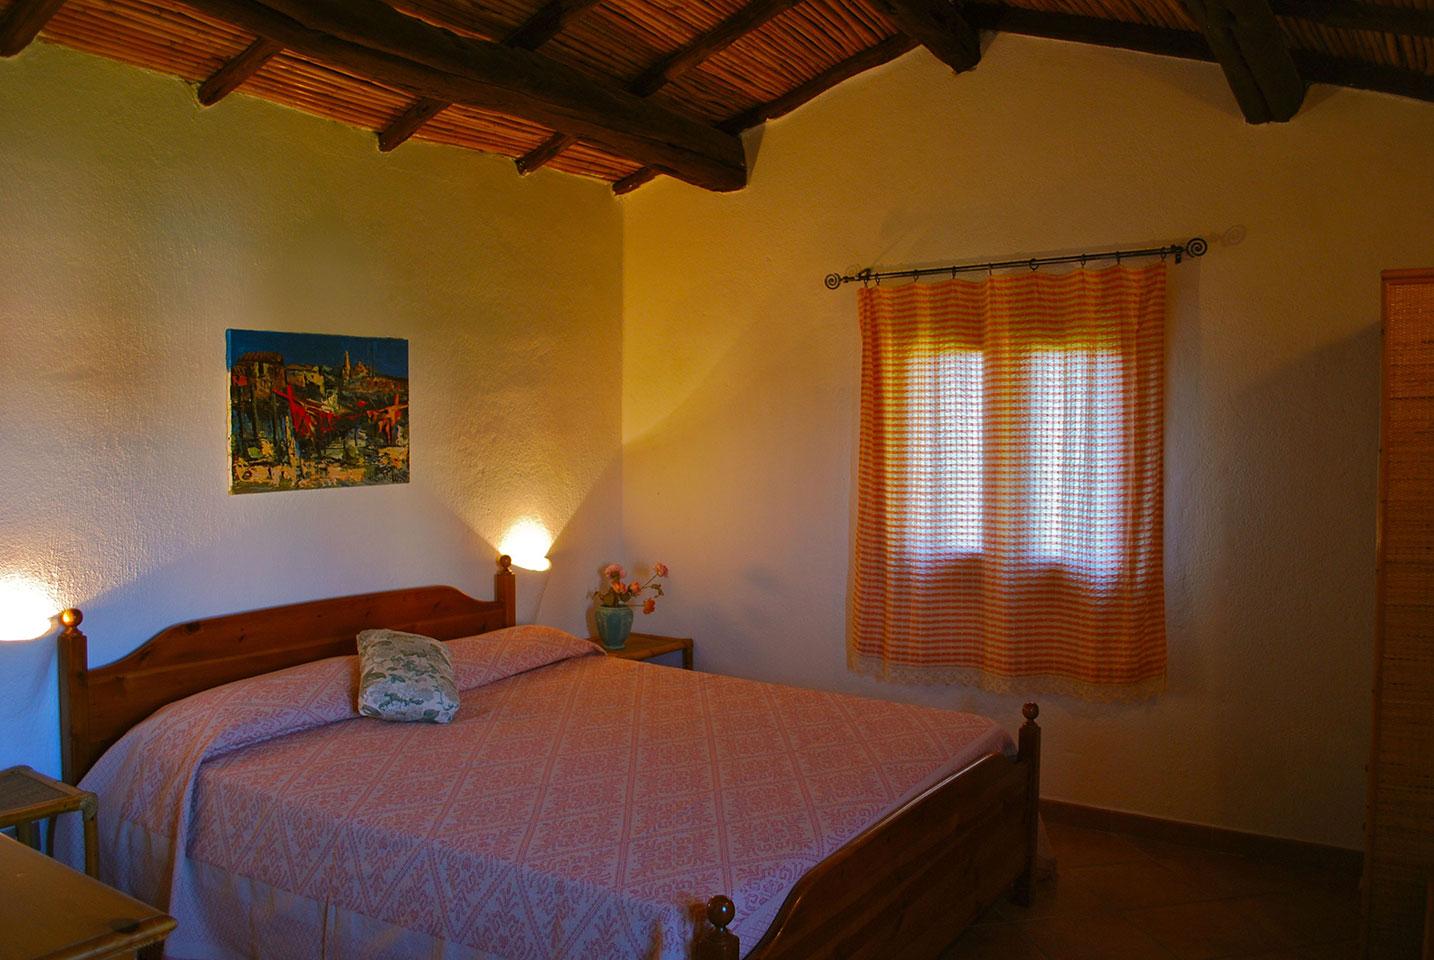 Appartamenti villa maria teresa san teodoro sardinien for Appartamenti san teodoro privati